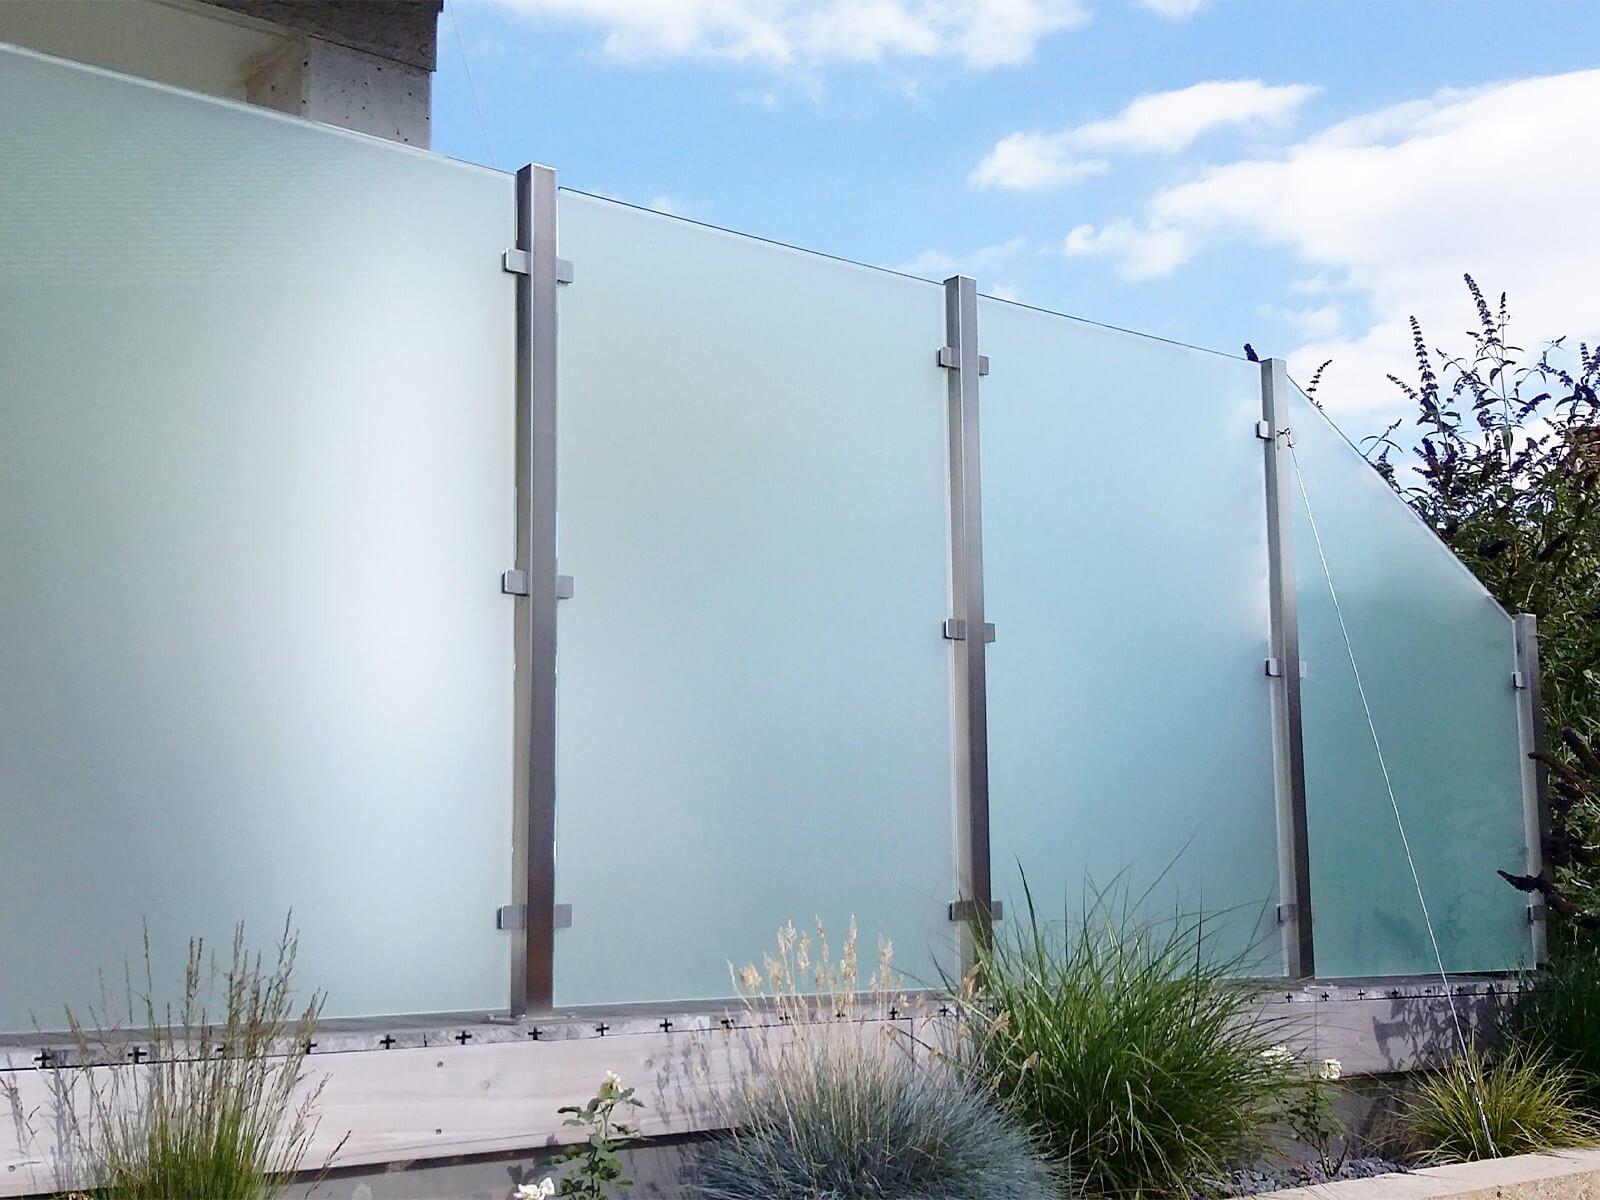 Glaszaunsystem Sichtschutz Feng individuelle Schrägschnitte und Gestaltungsmöglichkeiten für Garten Terrasse und Balkon